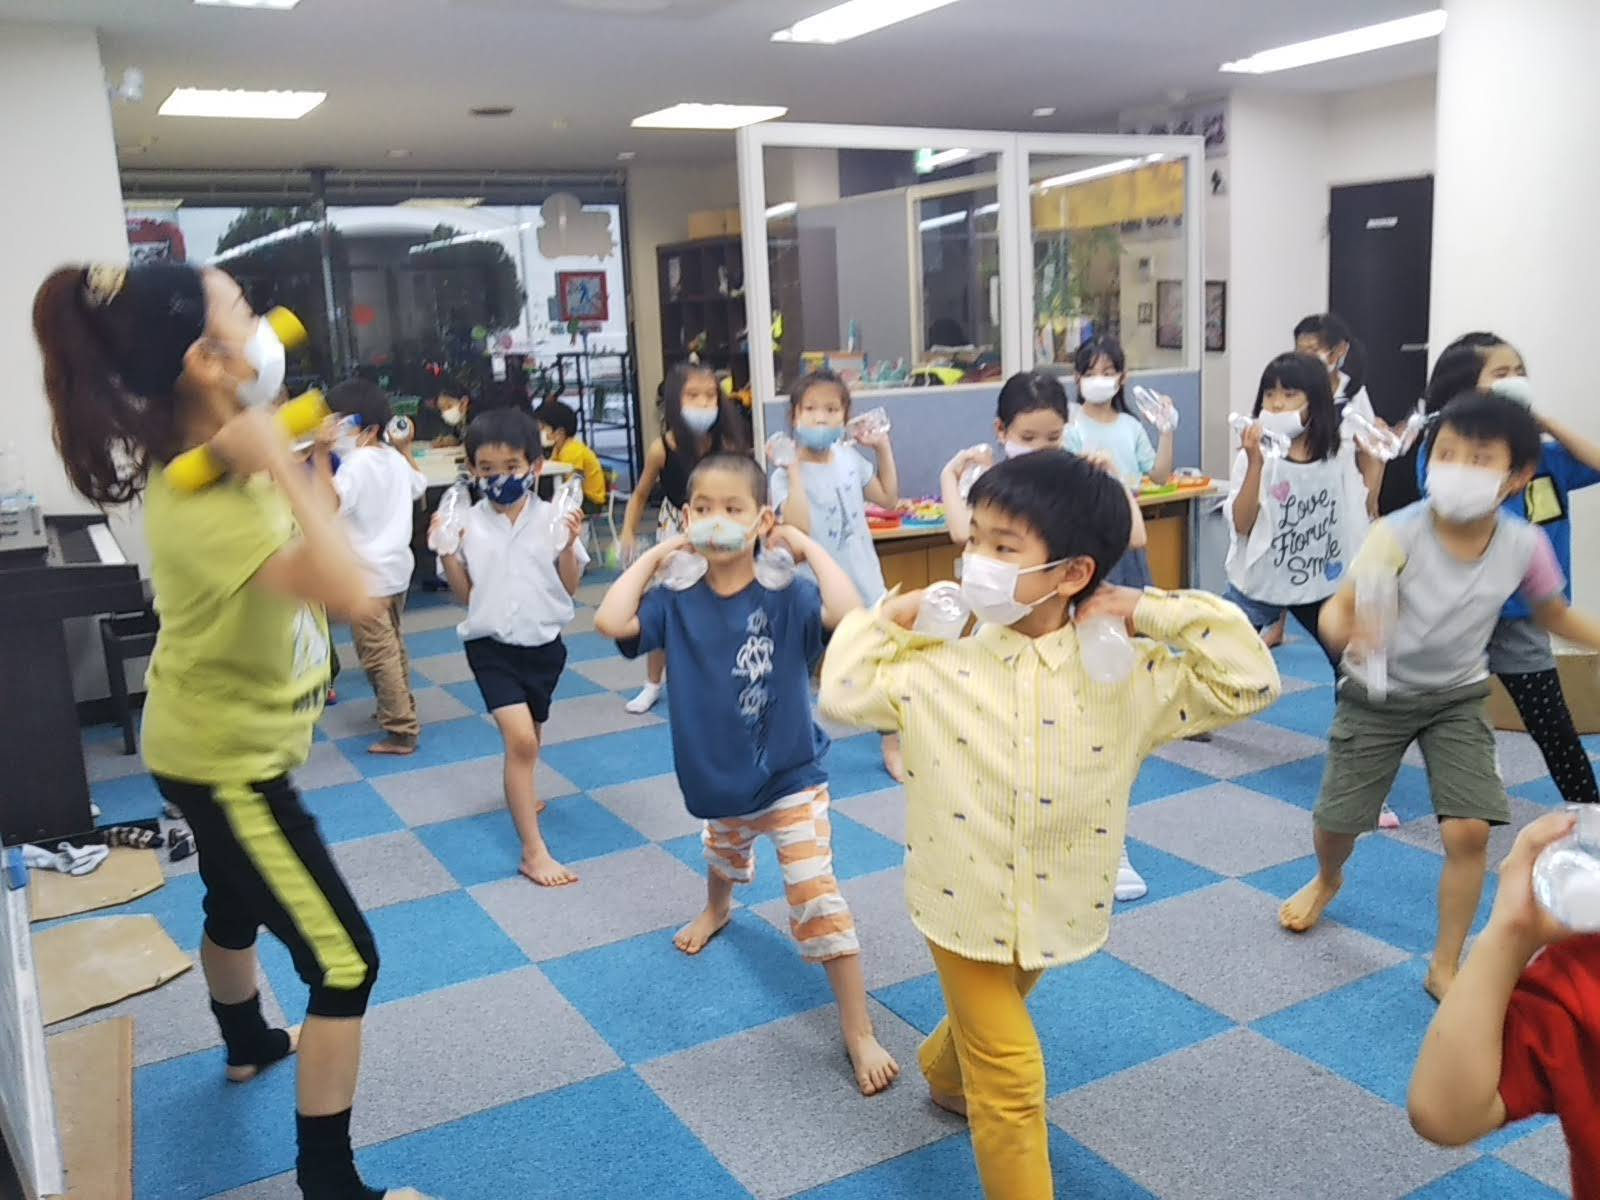 7月15日 Dance  Event ☆ ペットボトルで Dancing!_c0315908_11373465.jpg